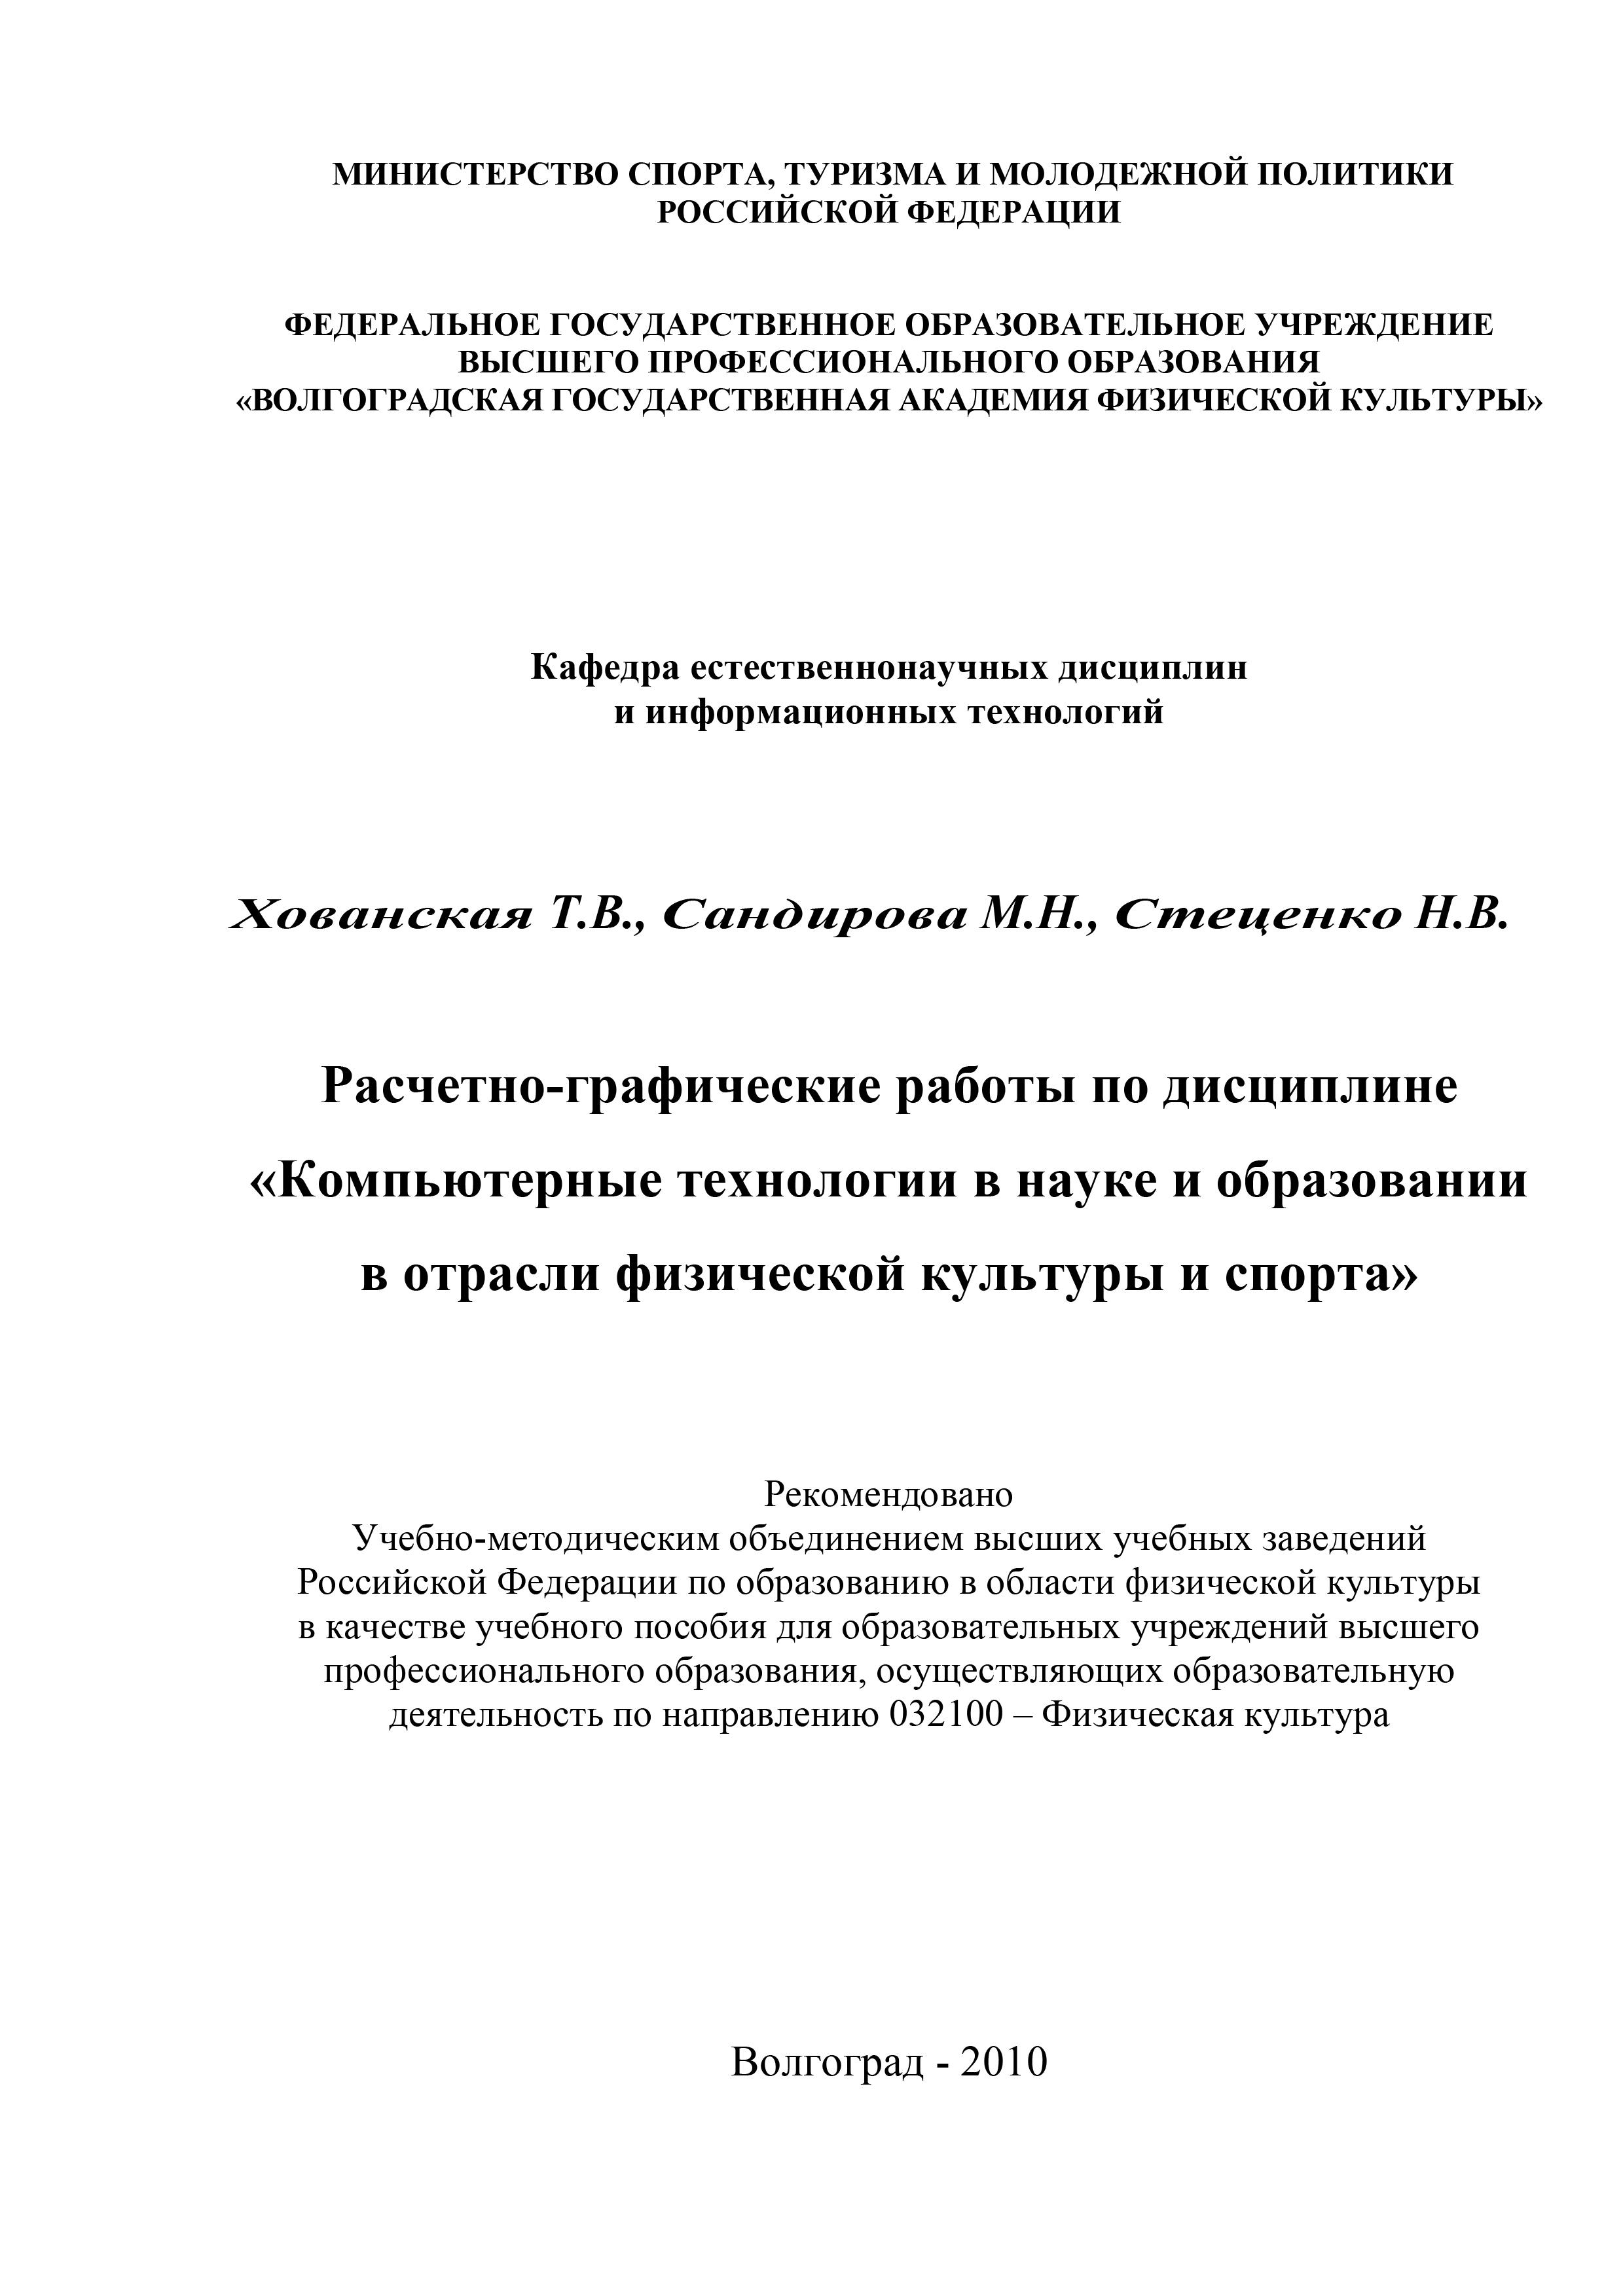 М. Н. Сандирова Расчетно-графические работы по дисциплине «Компьютерные технологии в науке и образовании в отрасли физической культуры и спорта» компьютерные аксессуары oem 5pcs ipad wifi 3g gps